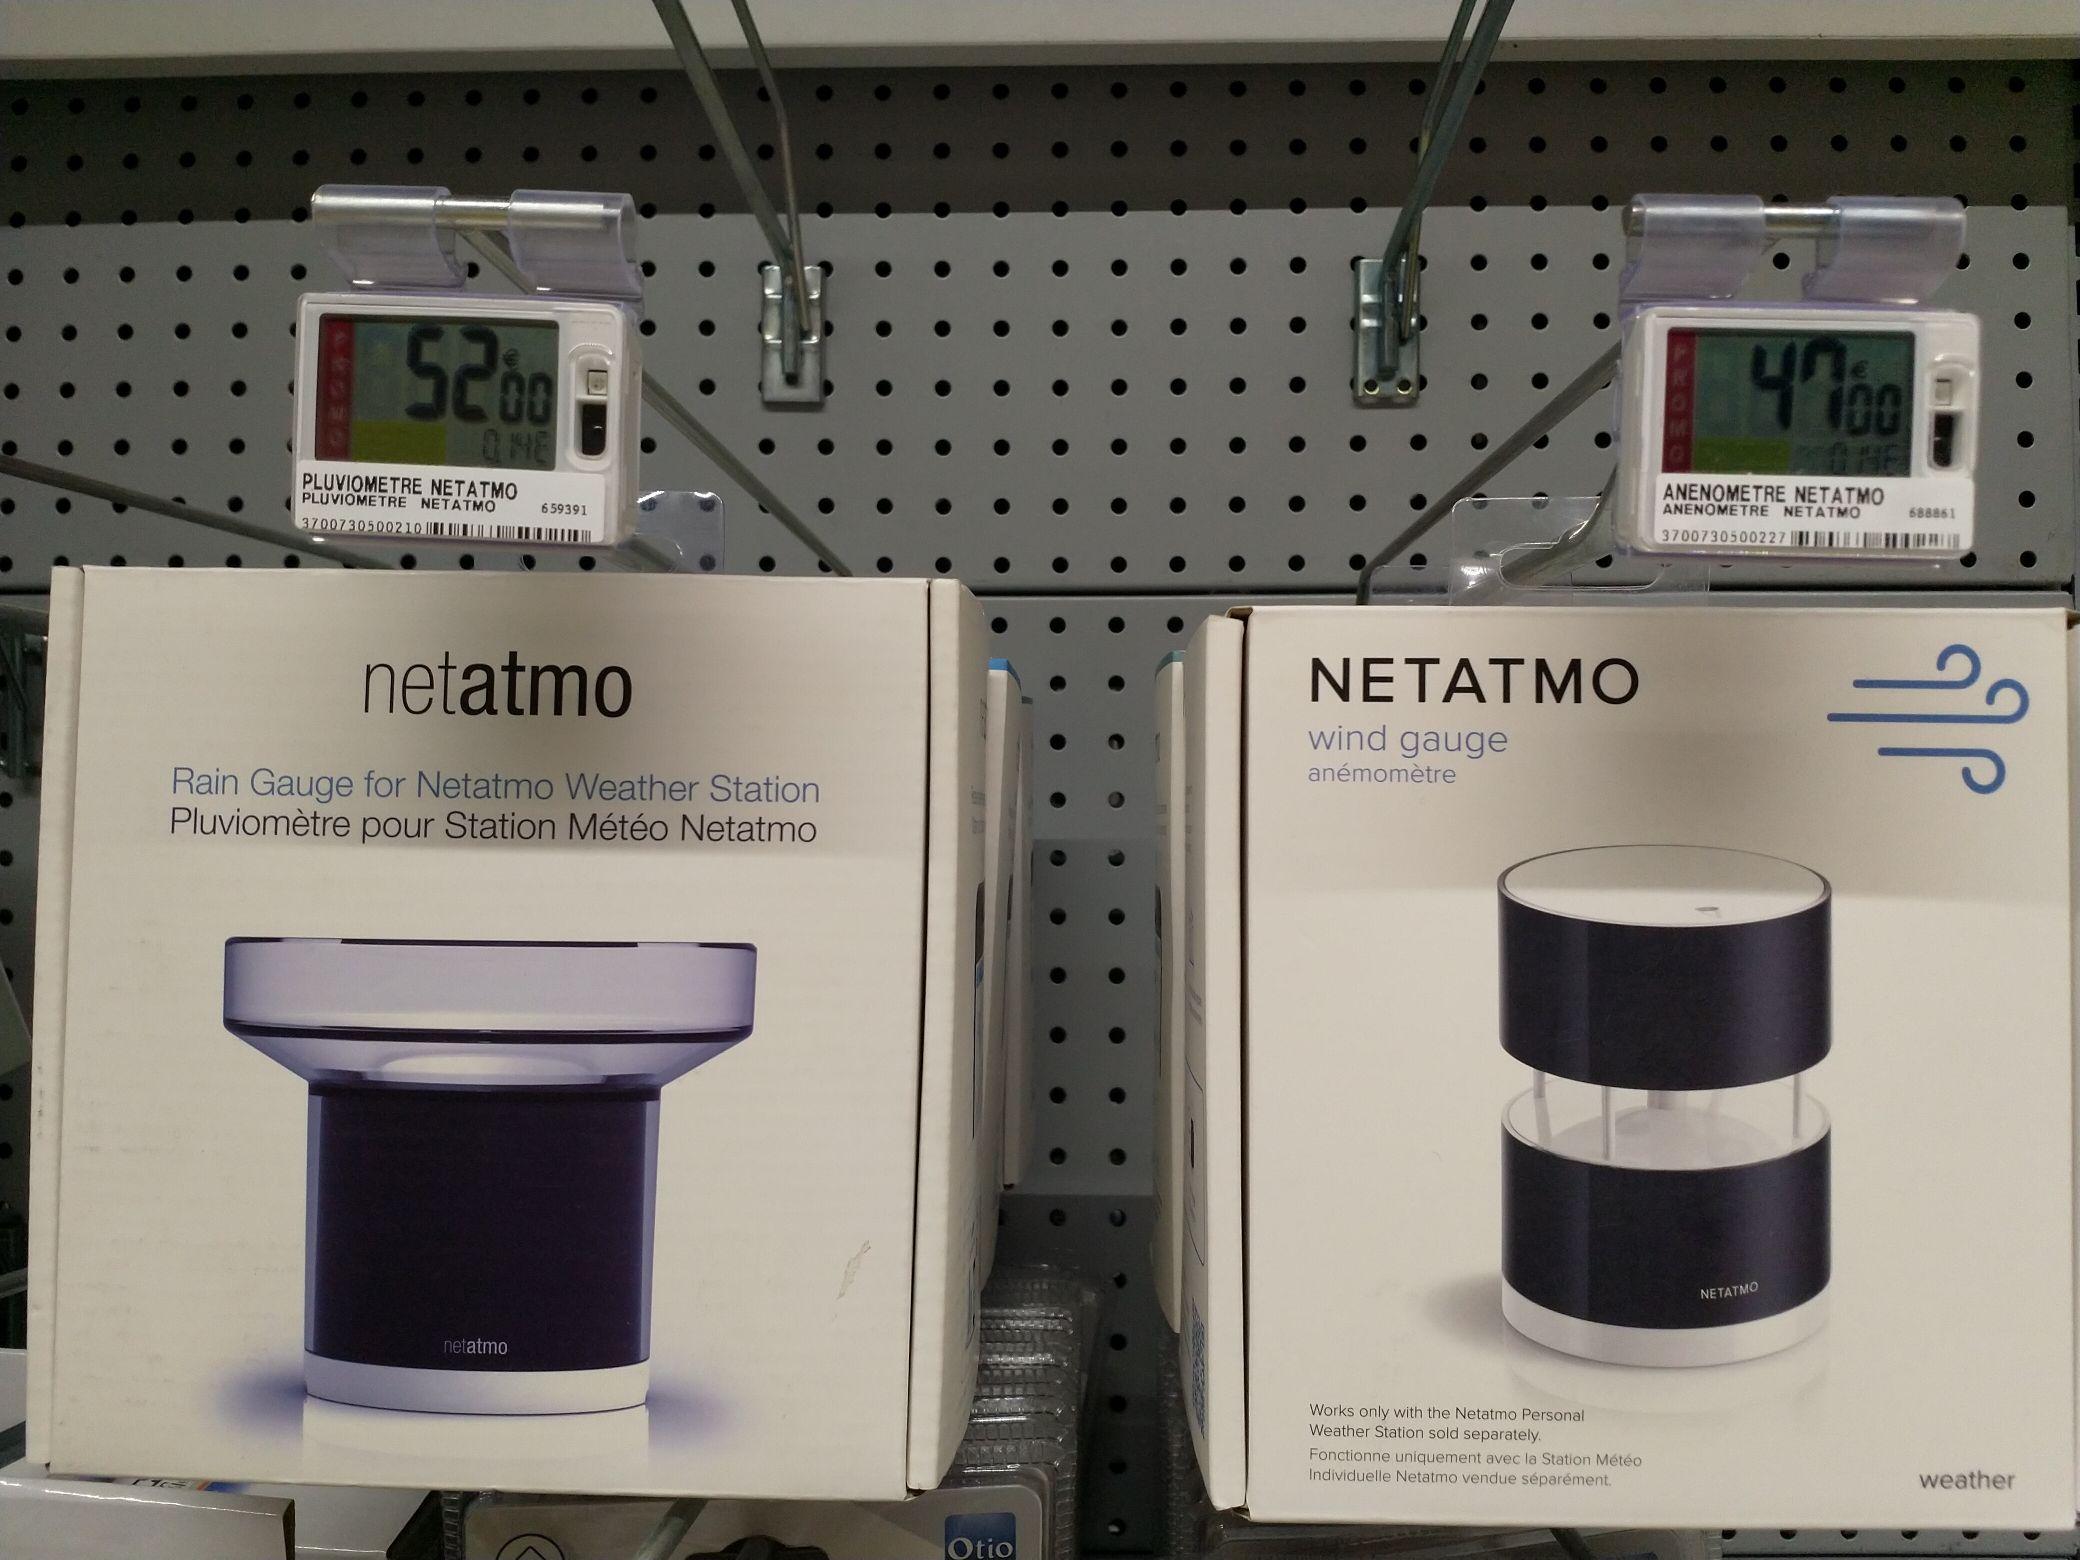 Sélection d'articles Netatmo en promotion - Ex: Anémomètre Netatmo - St Clément de Rivière (34)